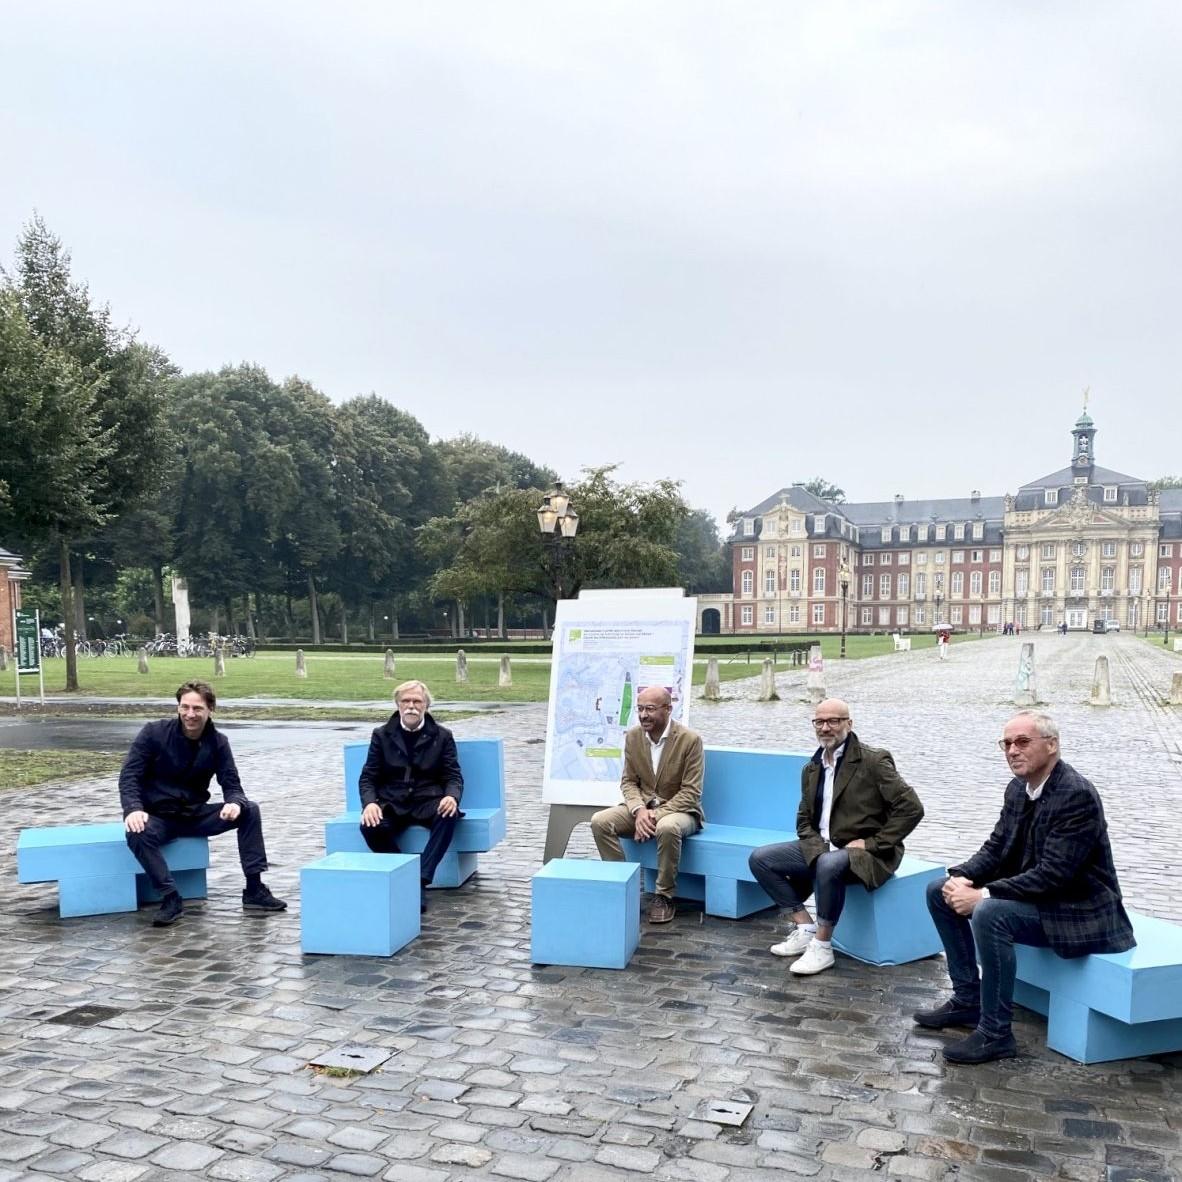 Schloss Platz Kultur 2020 - Pressekonferenz 3.9.20: Stefan Rethfeld, Ulrich Krüger, Christian Schmitz, Martin Heppner, Rüdiger Wiechers (v.l.n.r.)